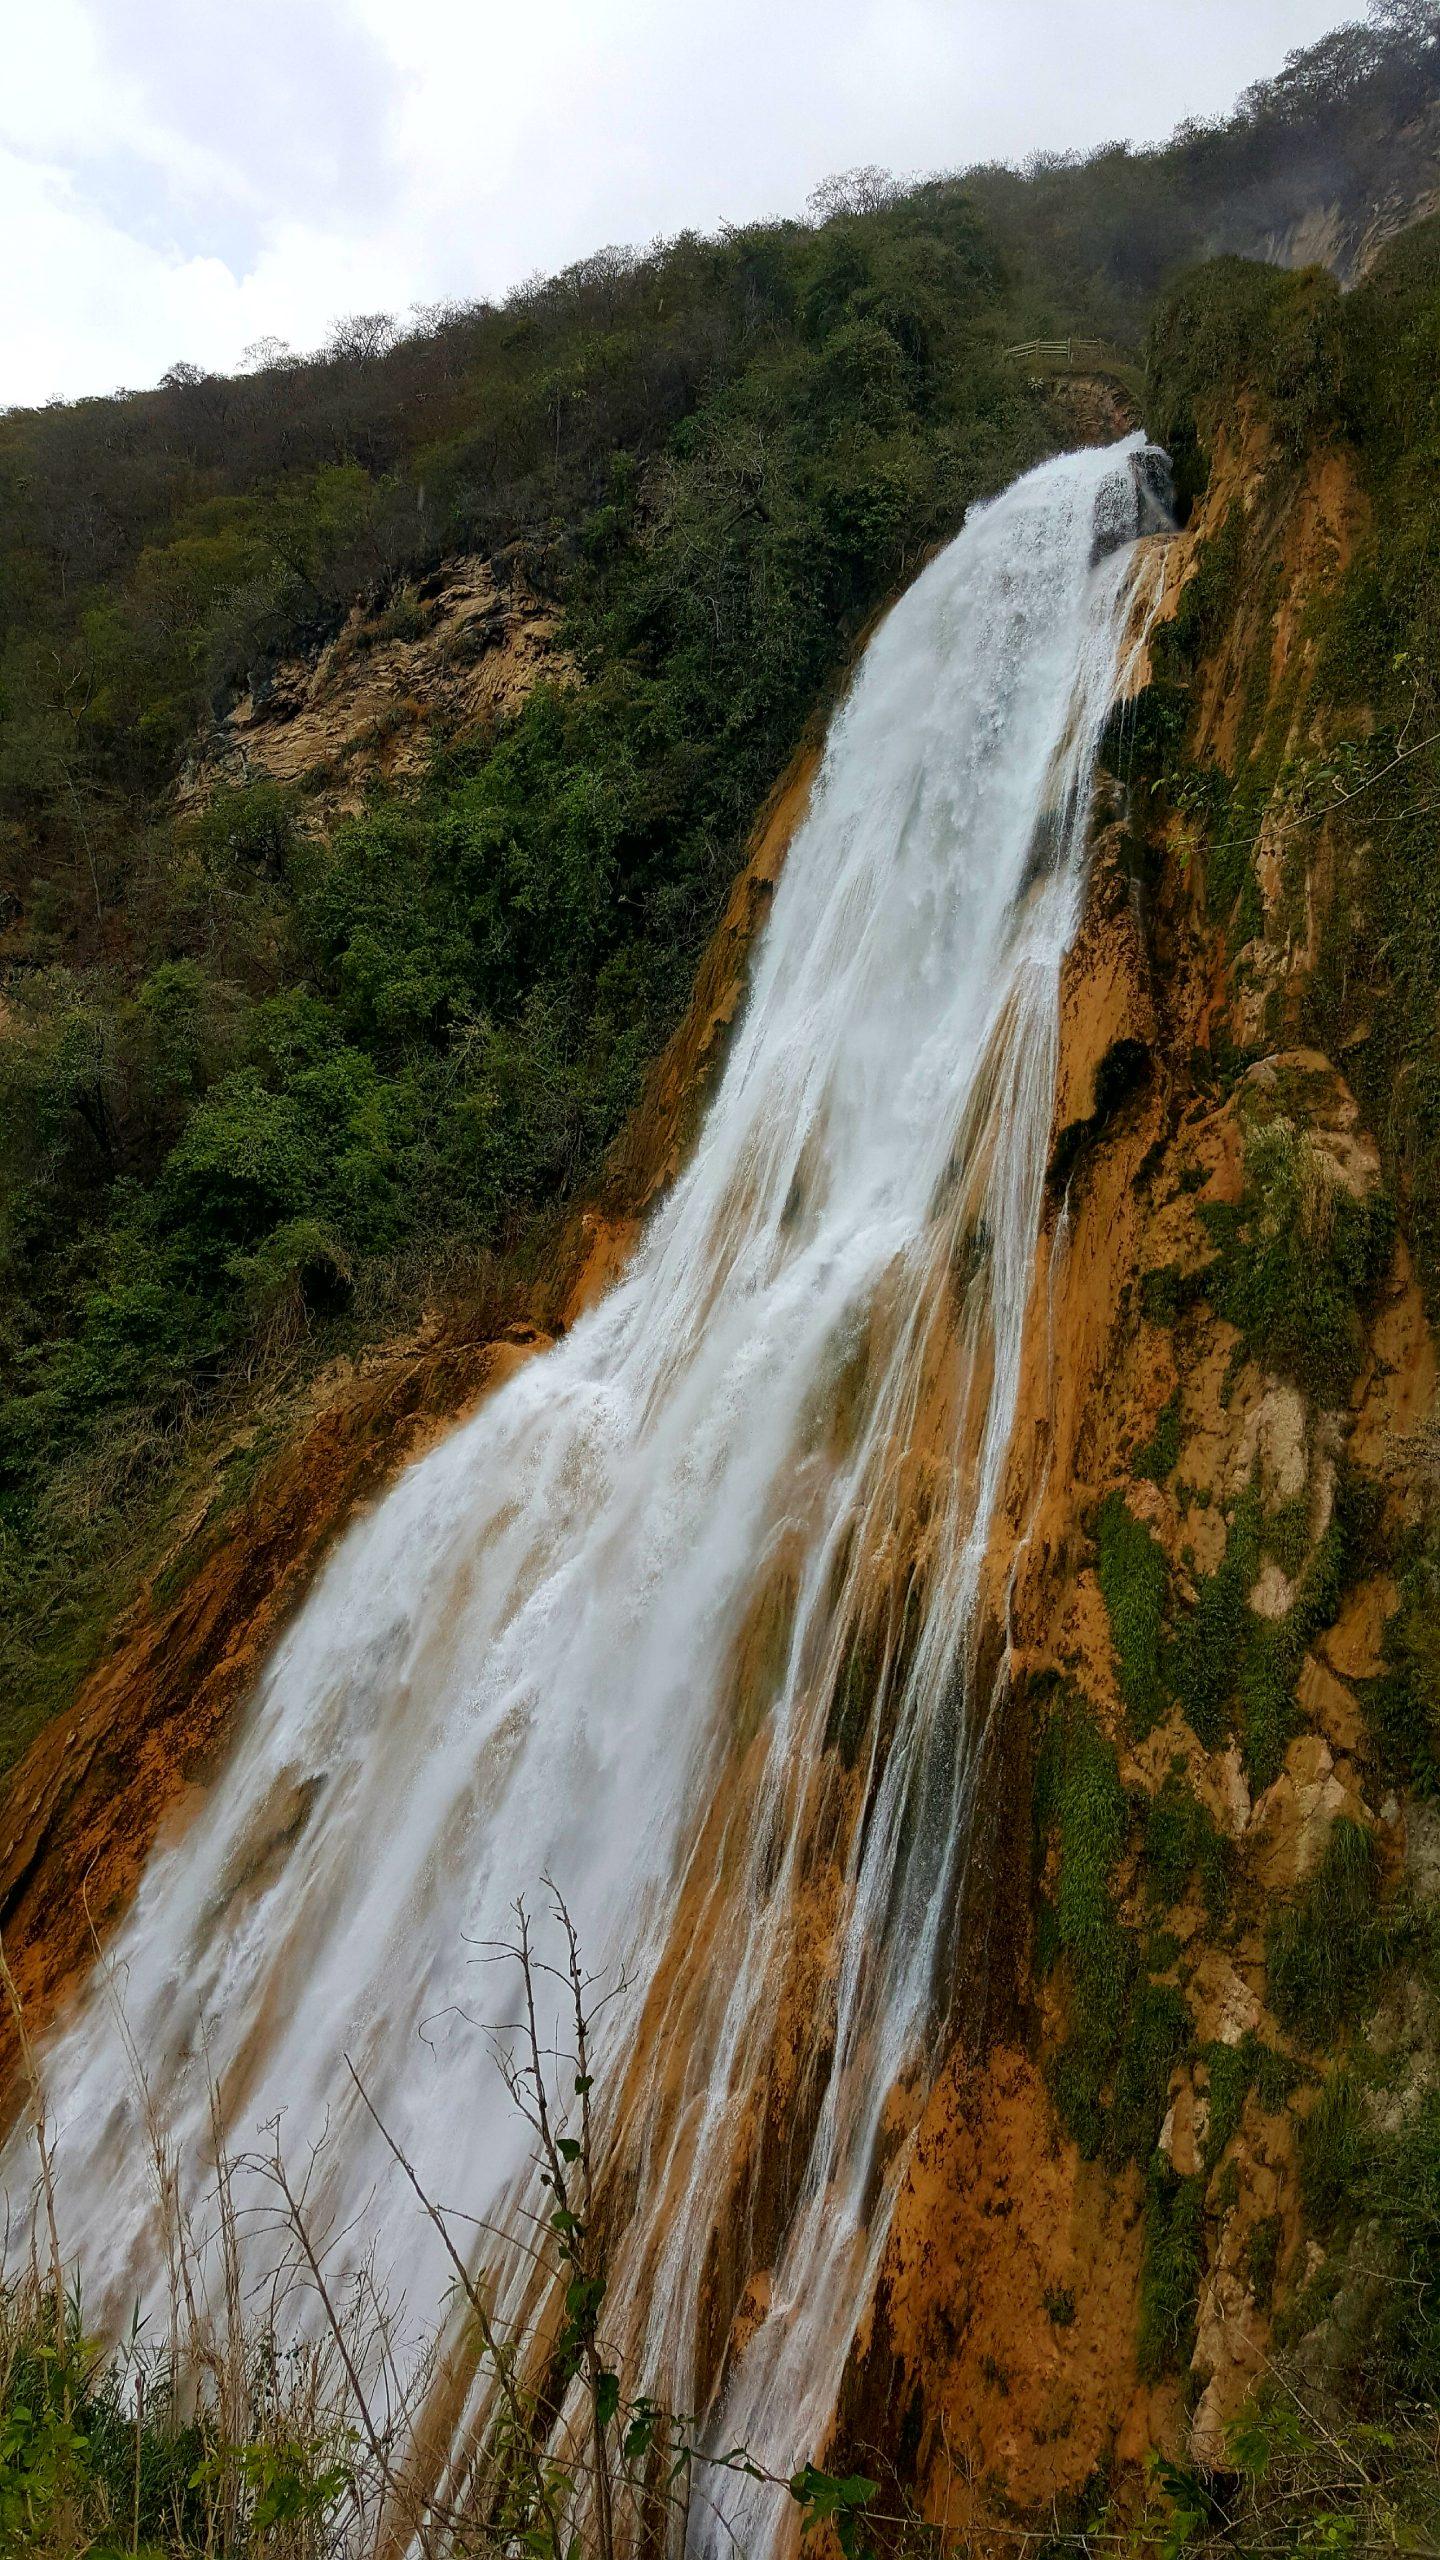 Parque natural El Chiflón en Chiapas